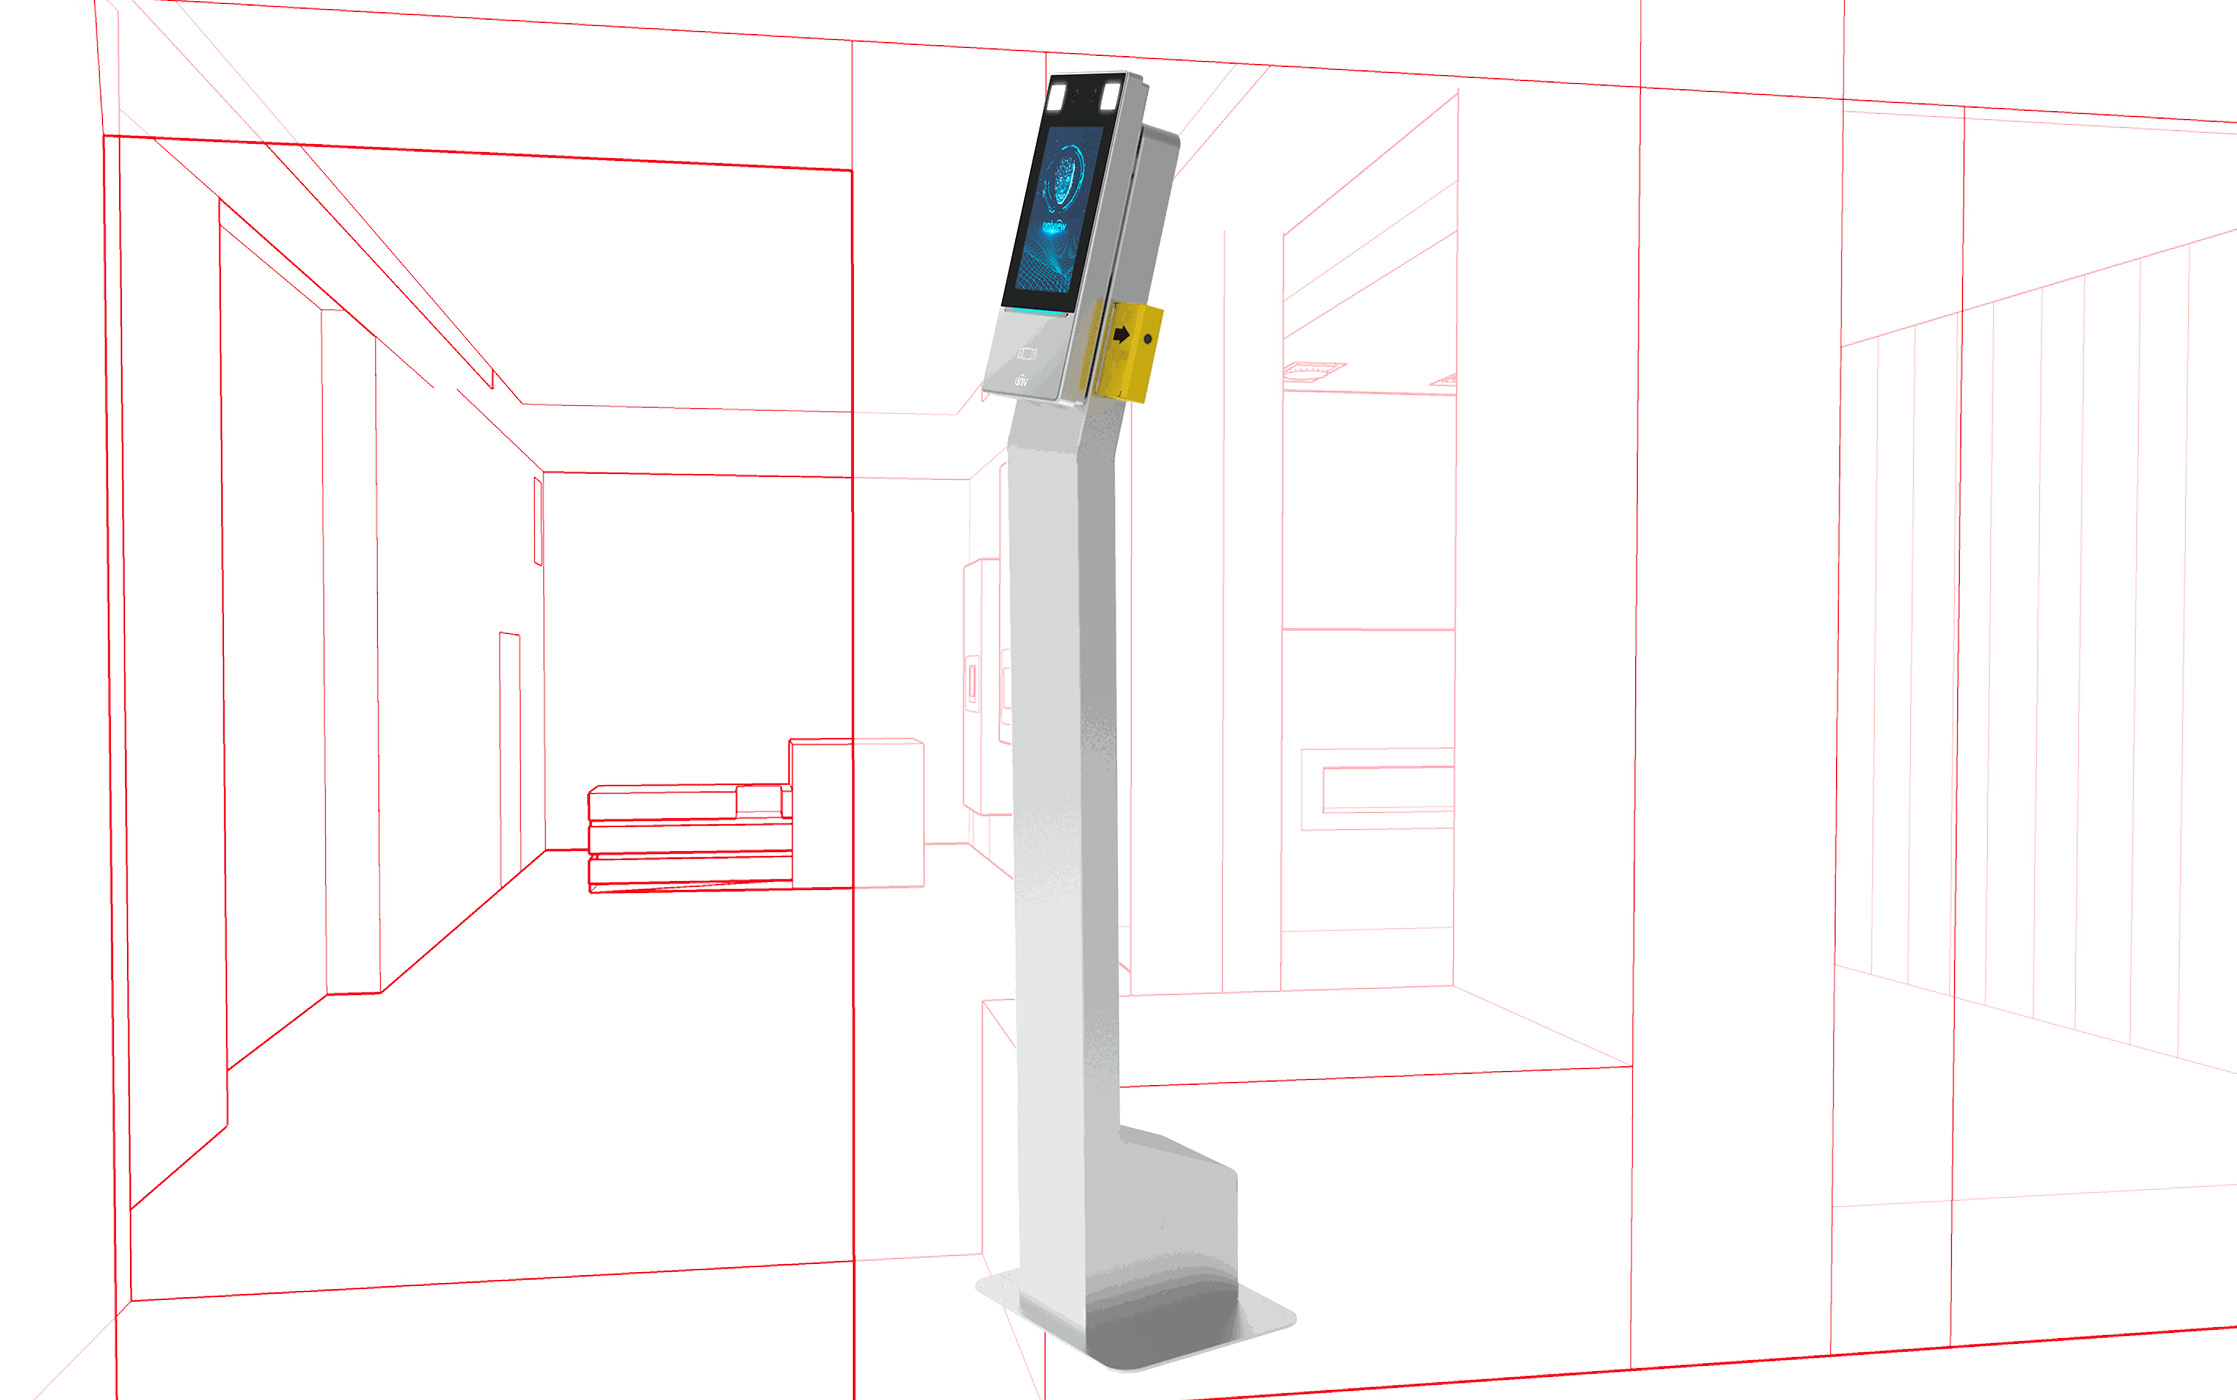 Borne digitale de mesure de température